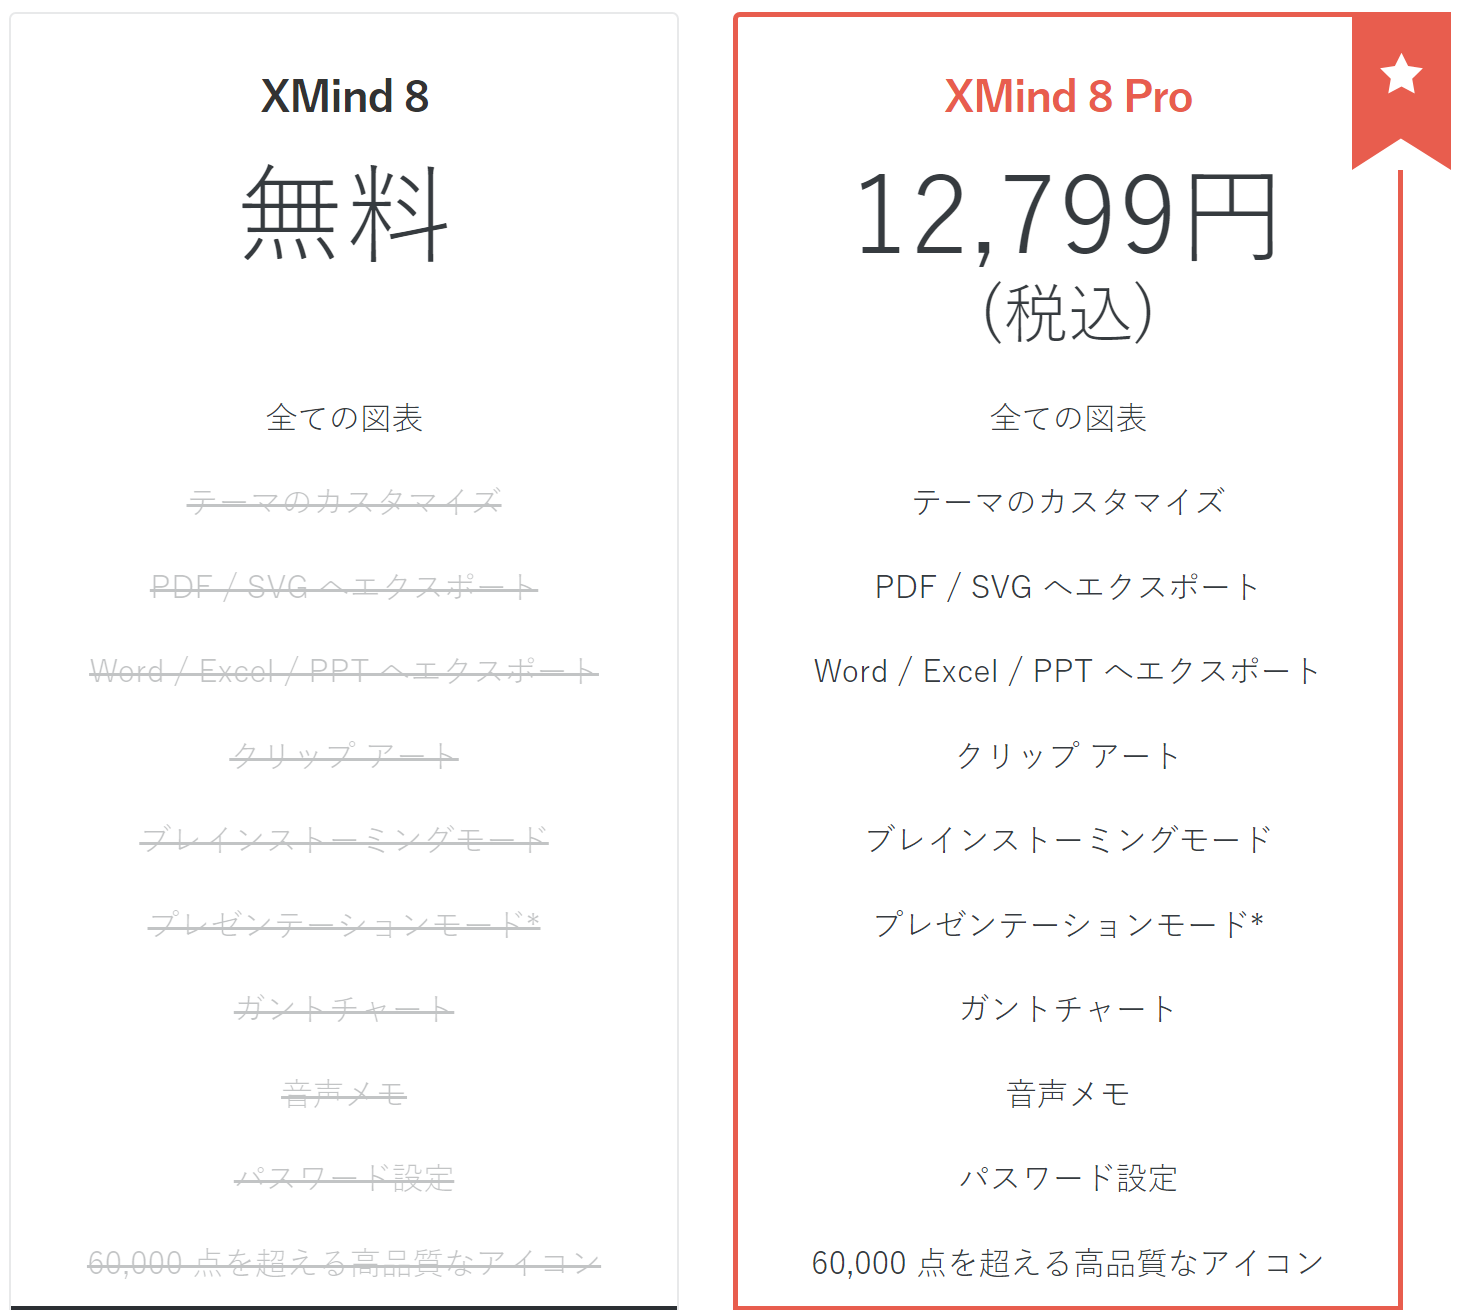 マインドマップツール Xmindの有料版は、12799円